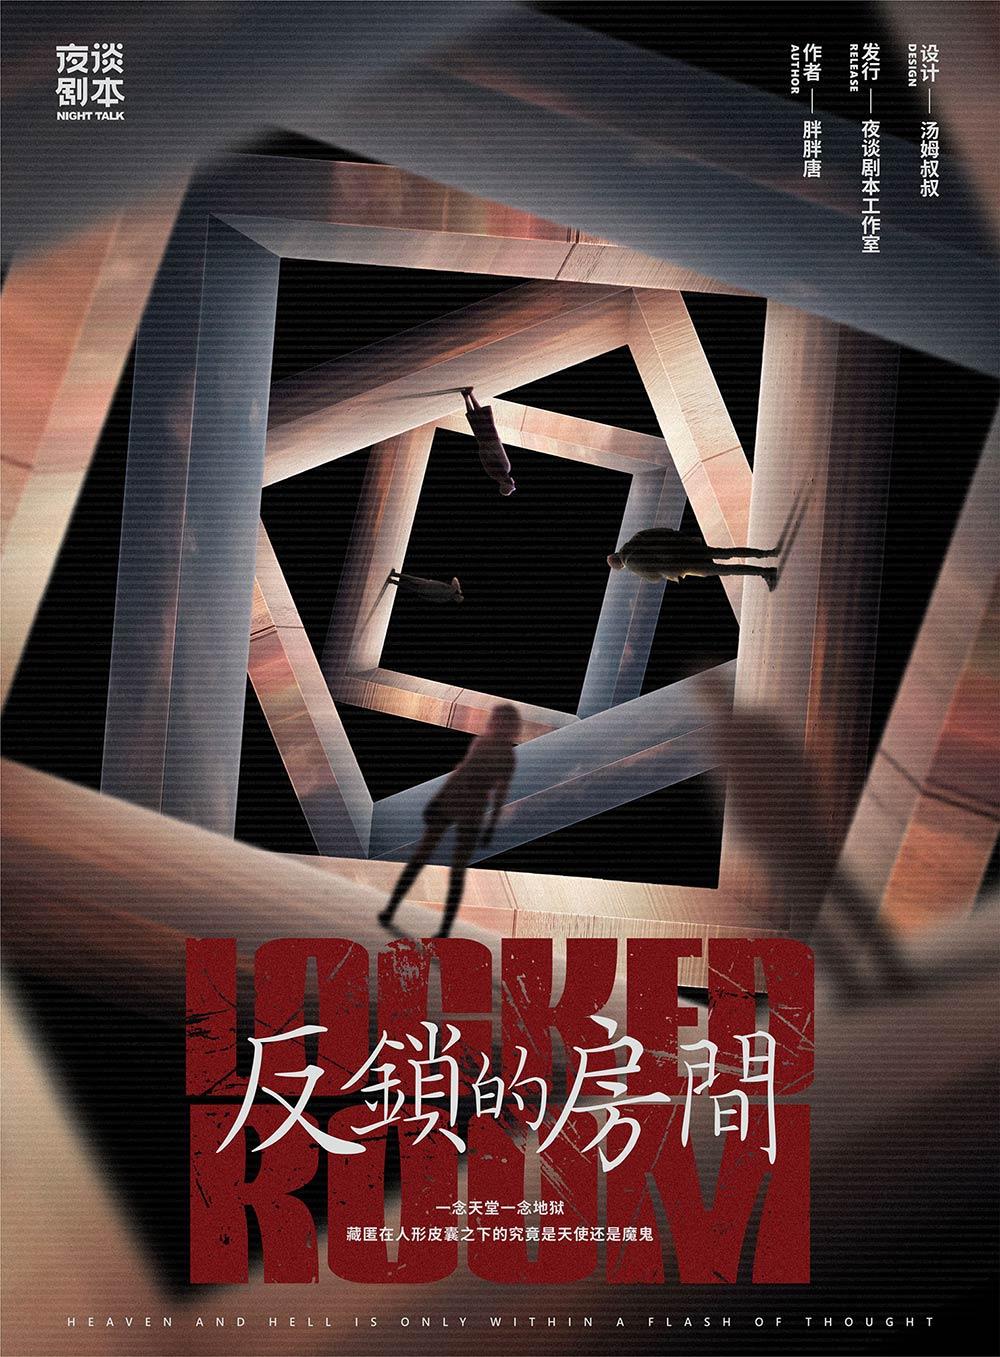 『反锁的房间』剧本杀复盘解析 剧透结局 凶手是谁 真相答案